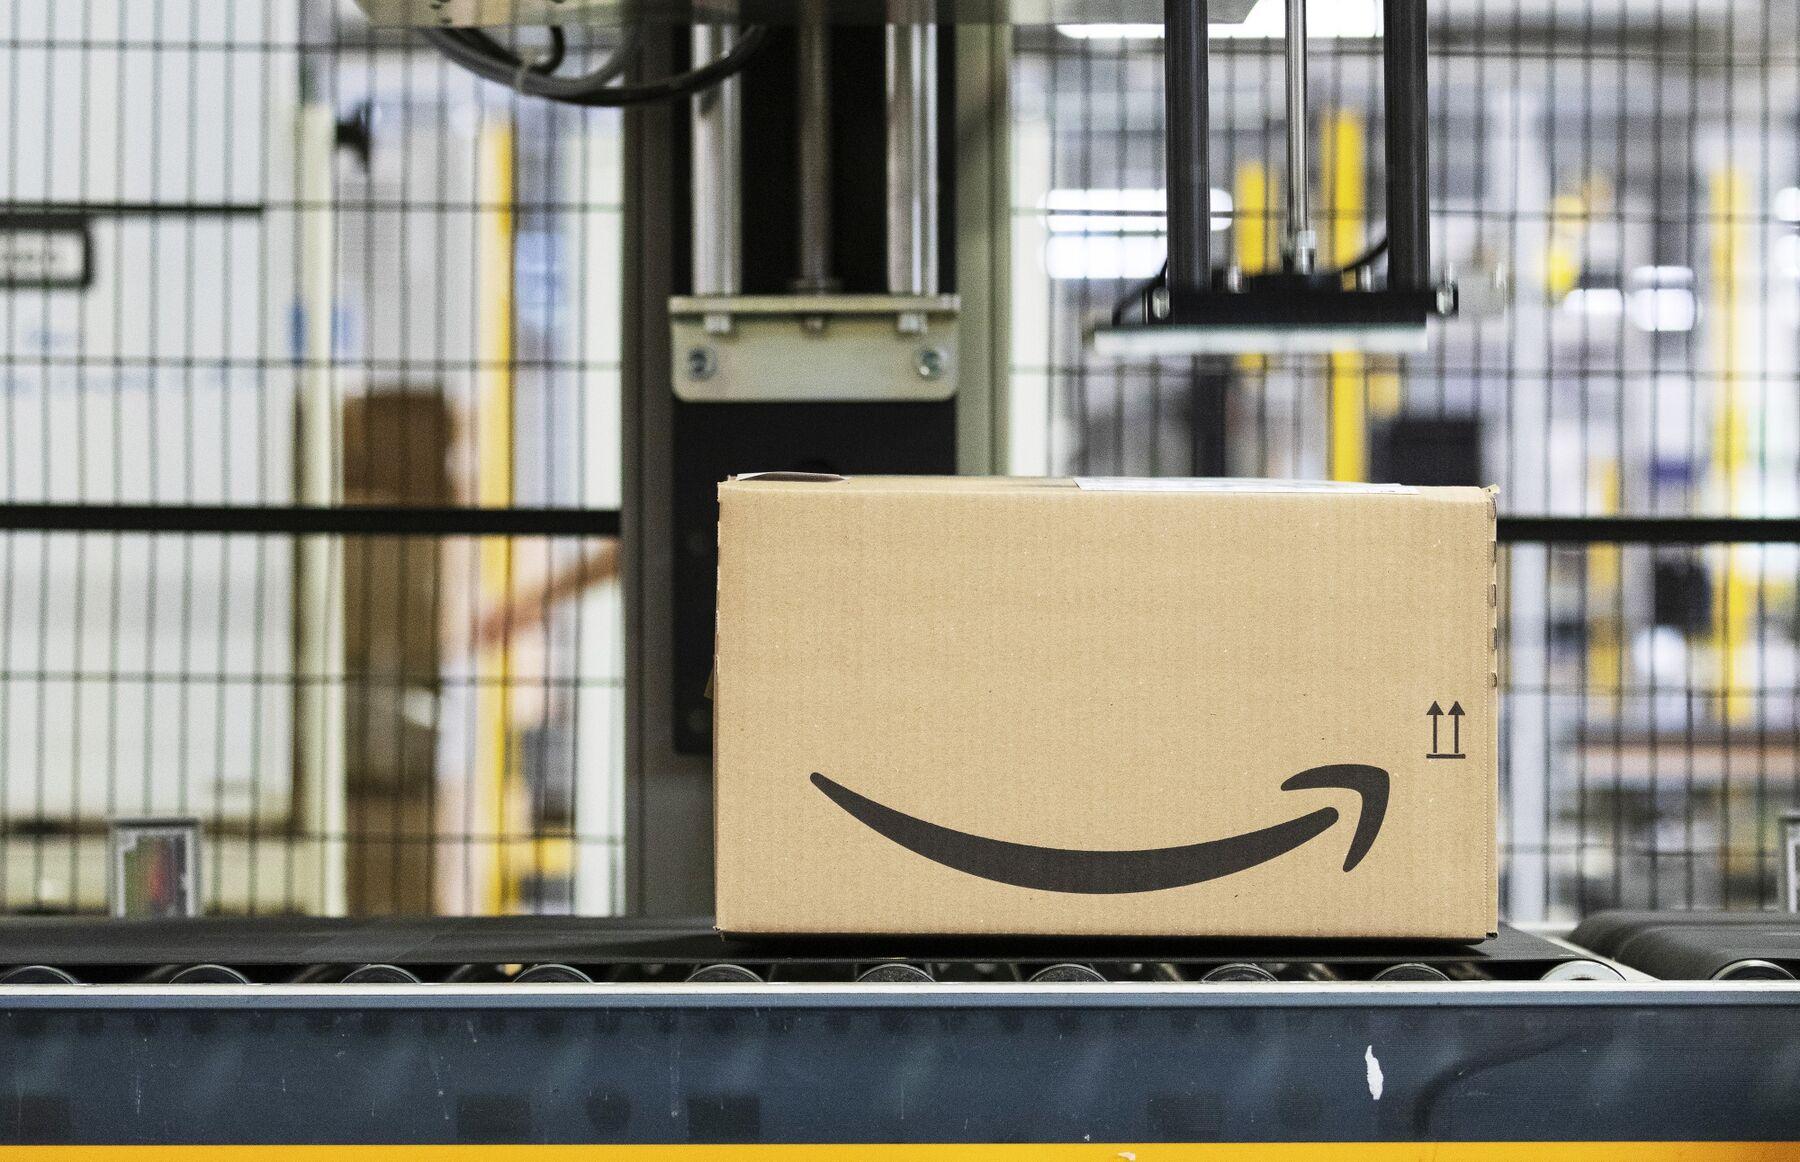 【企業】米アマゾンが時価総額で世界首位、マイクロソフト抜く【87兆円】